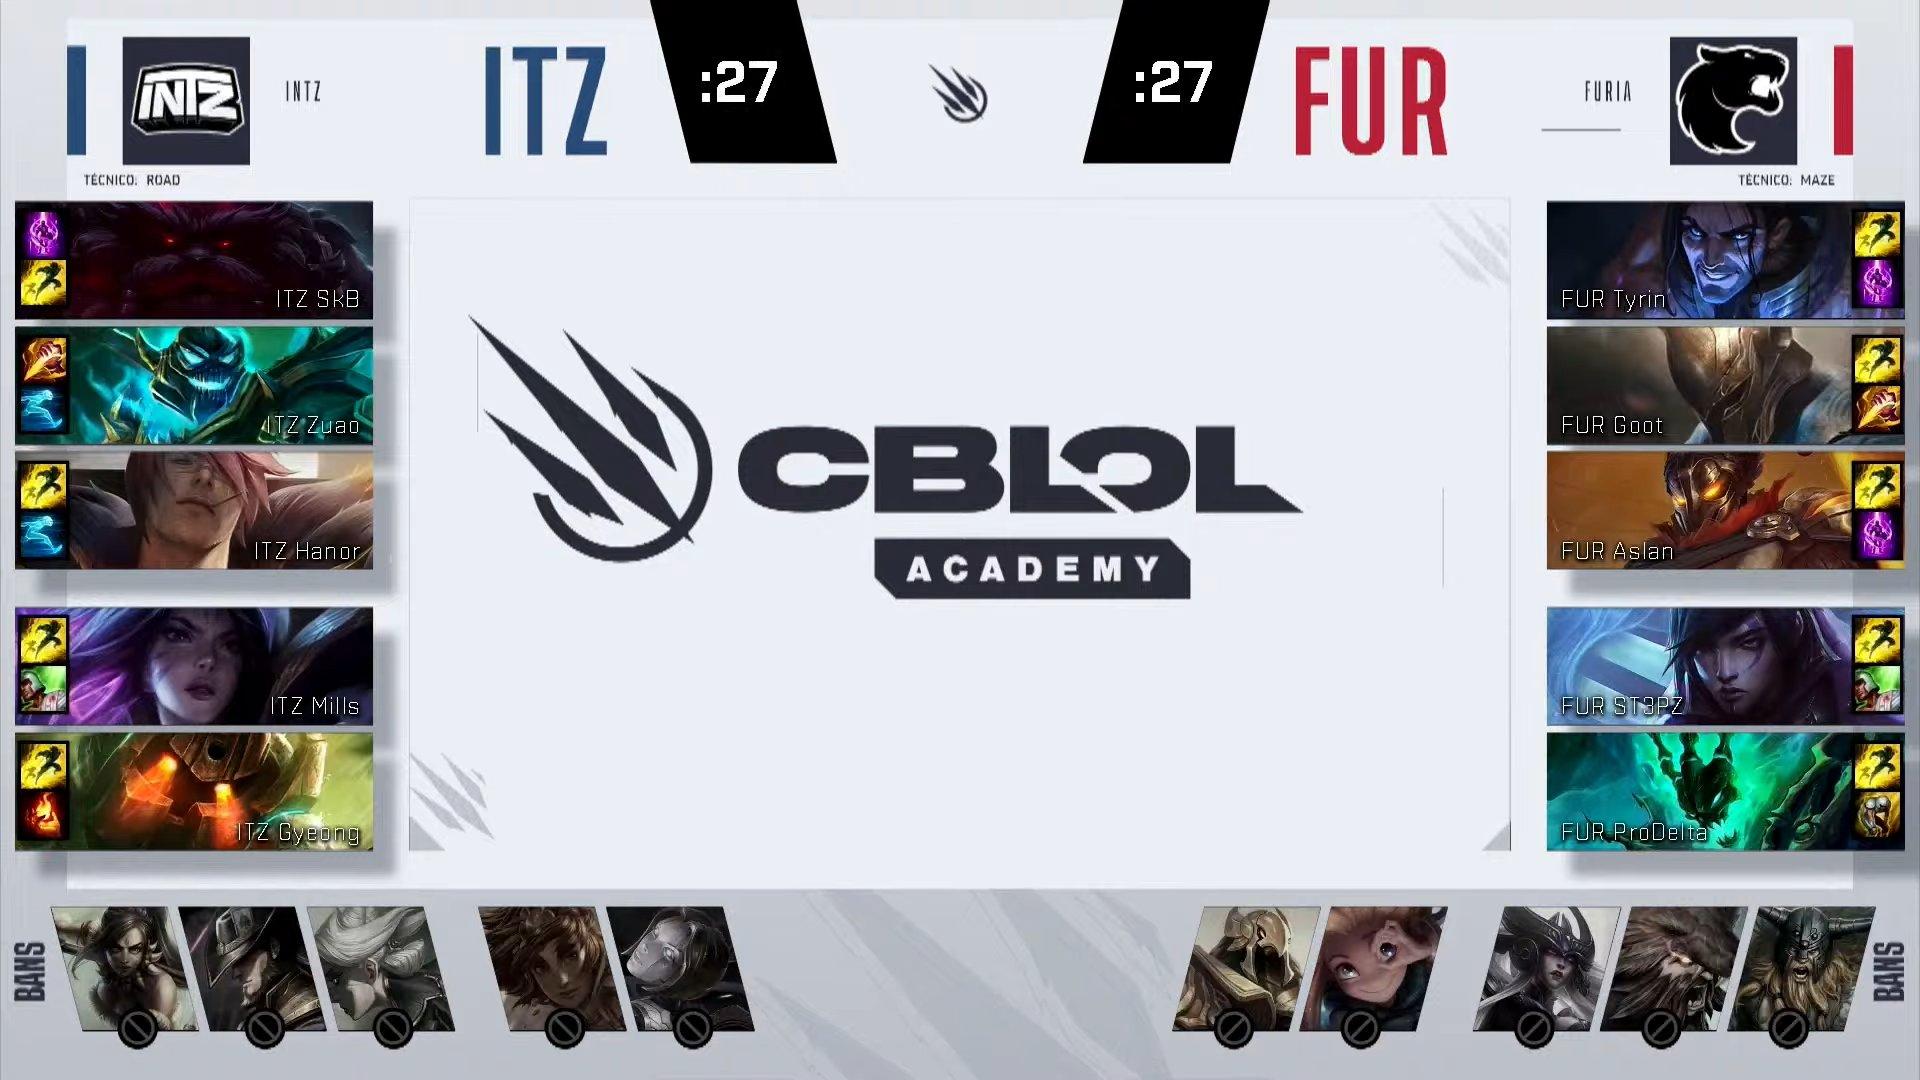 CBLOL Academy – Vorax vence pela primeira vez e sai da lanterna!